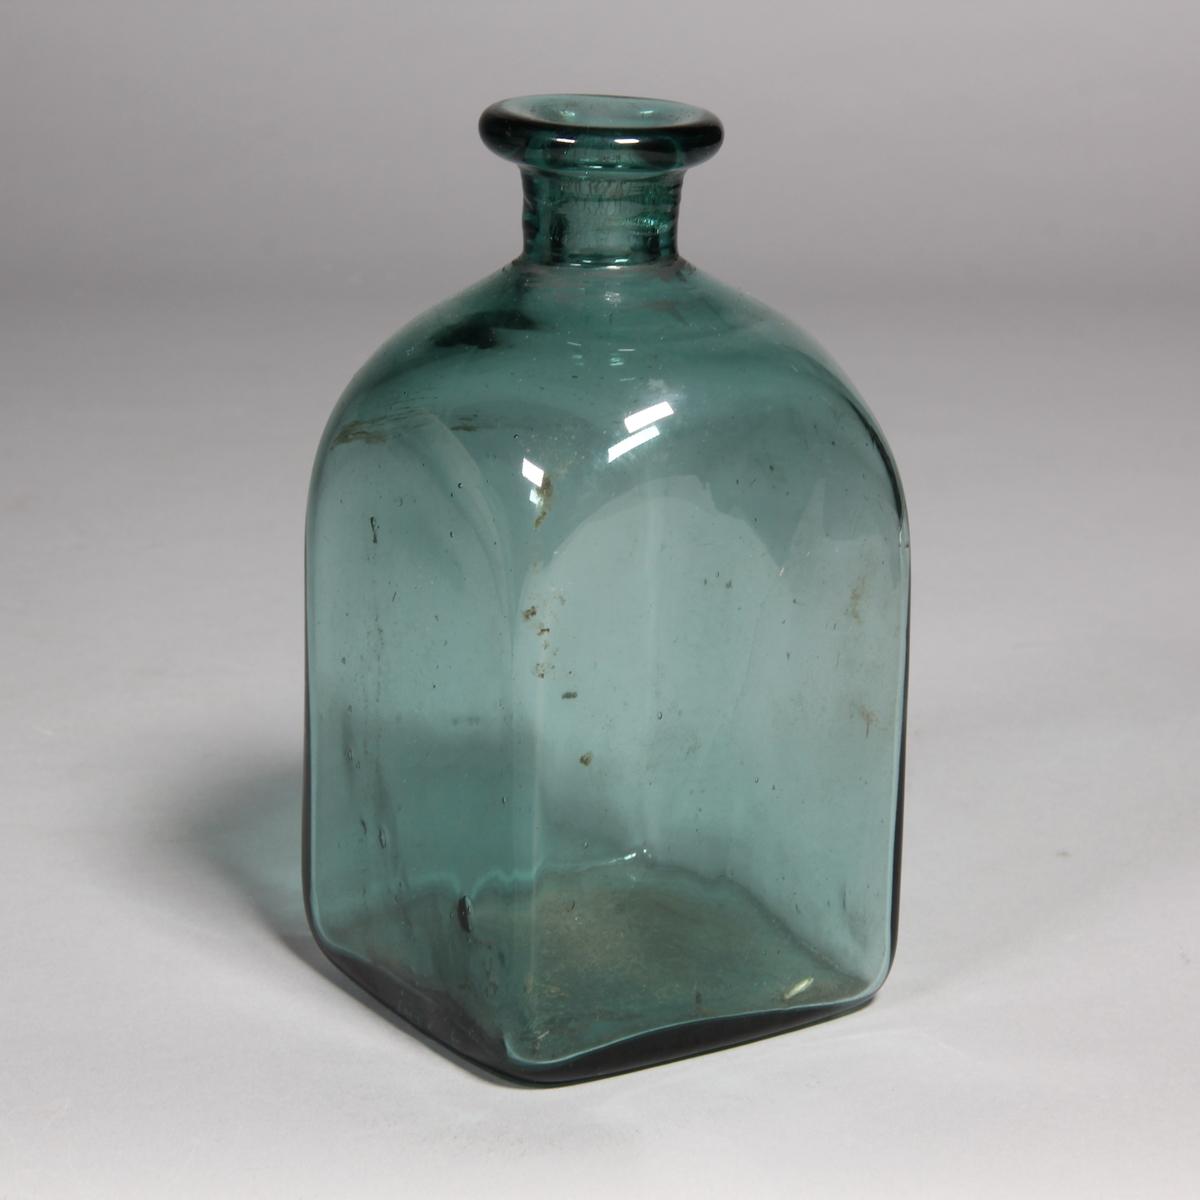 Flaska av grönt glas, kvadratisk med utvikt mynning.